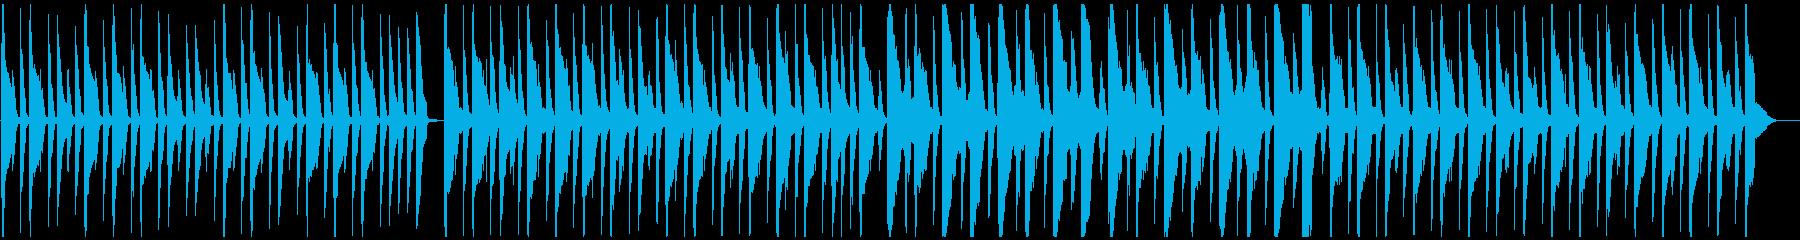 オーケストラ楽器使用_ビジネス向けBGMの再生済みの波形